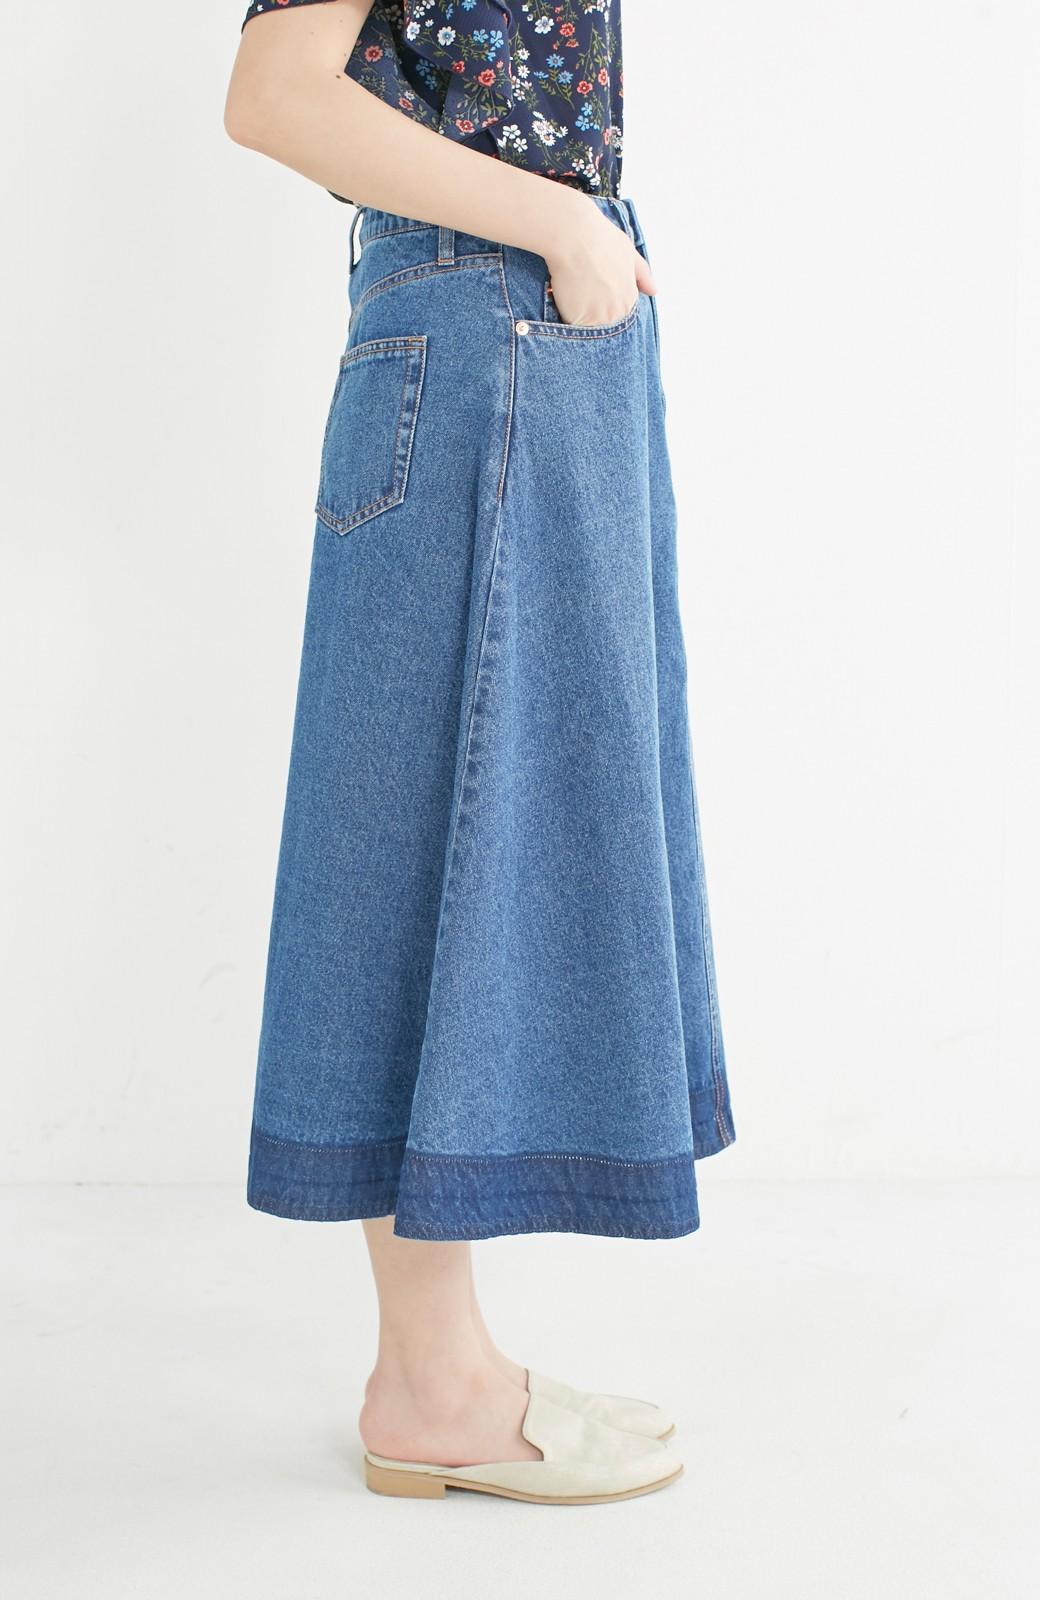 nusy 裾配色のミモレ丈デニムスカート <ライトインディゴブルー>の商品写真11